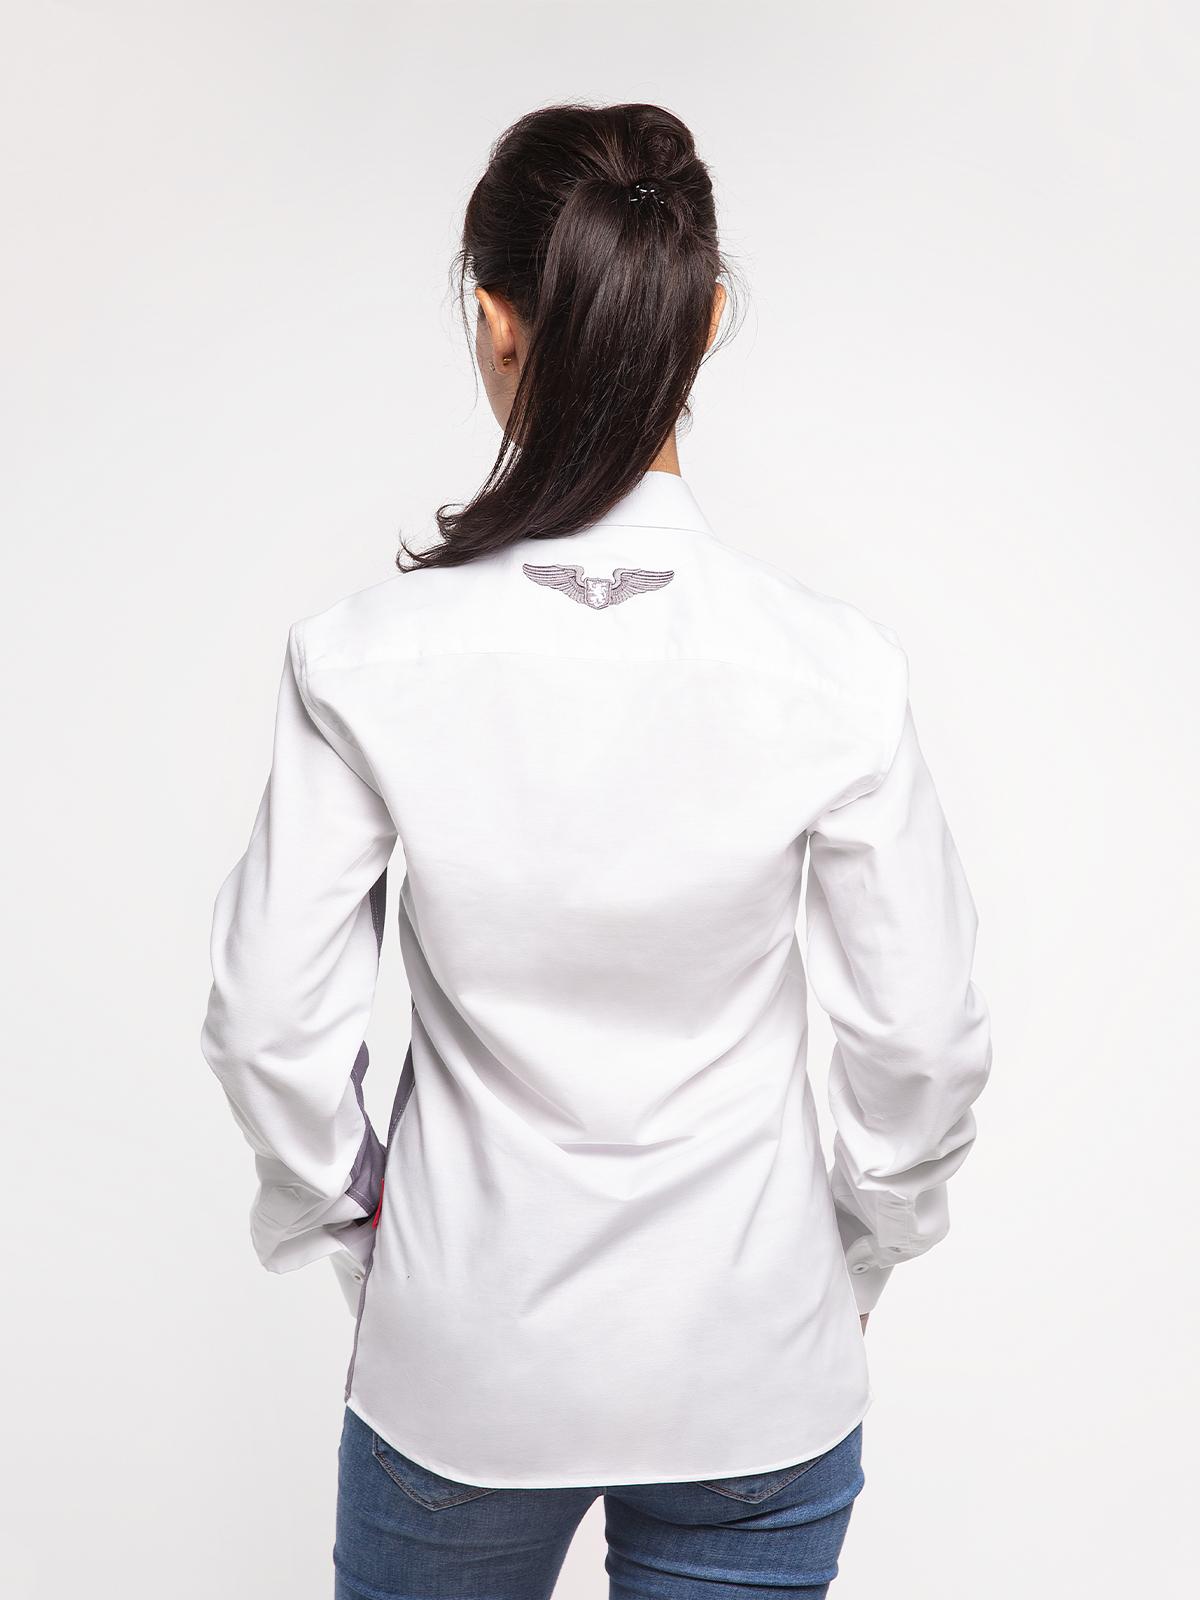 Жіноча Сорочка Крила. Колір білий.  Технологія нанесення зображень: шовкодрук, вишивка.